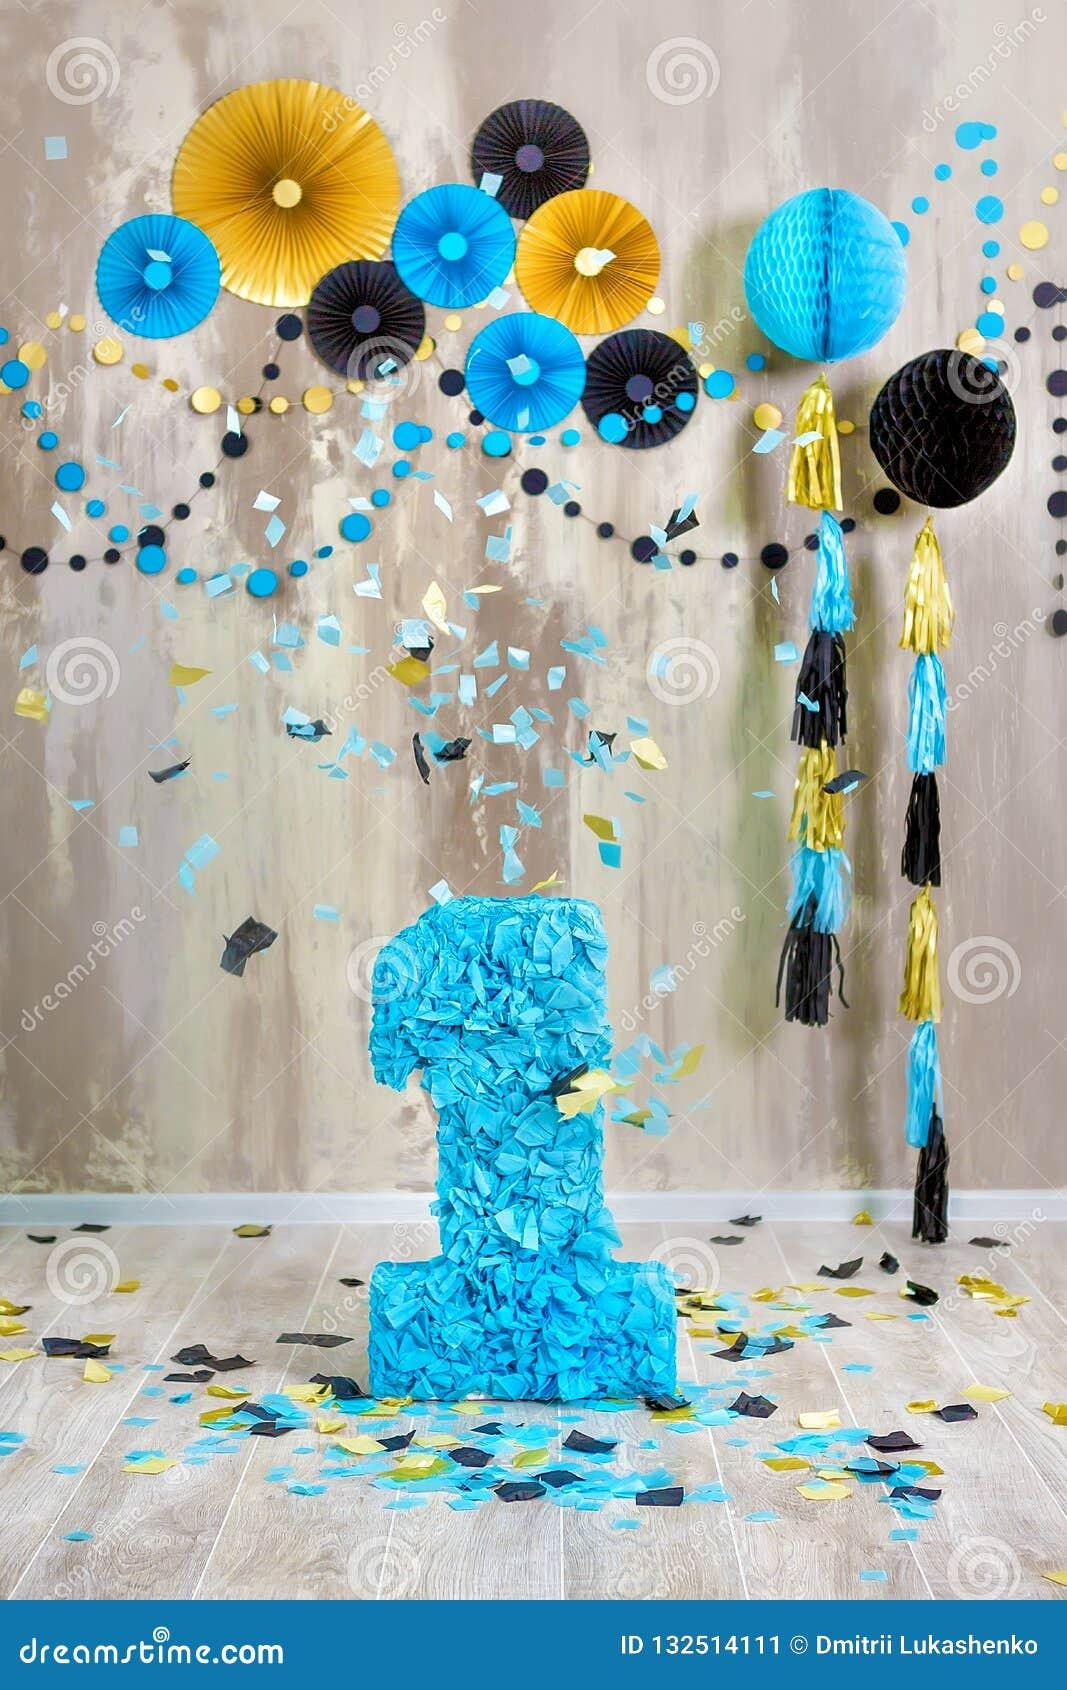 Escena Del Estudio Para Celebrar El Cumpleaños Del Niño De Un Año Con Las Decoraciones De La Decoración De La Suposición En La Pa Imagen De Archivo Imagen De Artista Holiday